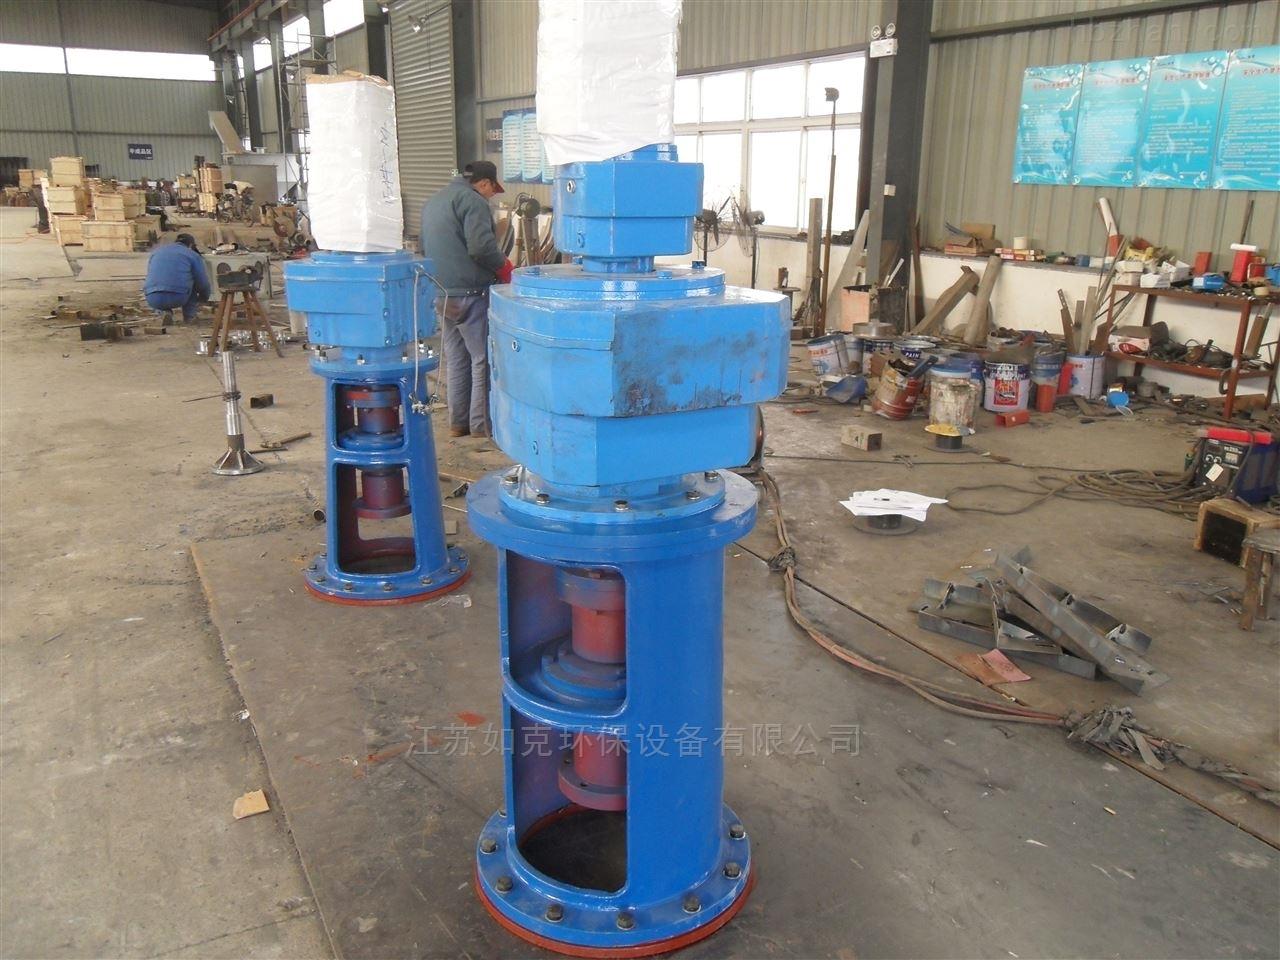 JBK-1700,框式攪拌機,碳鋼材質